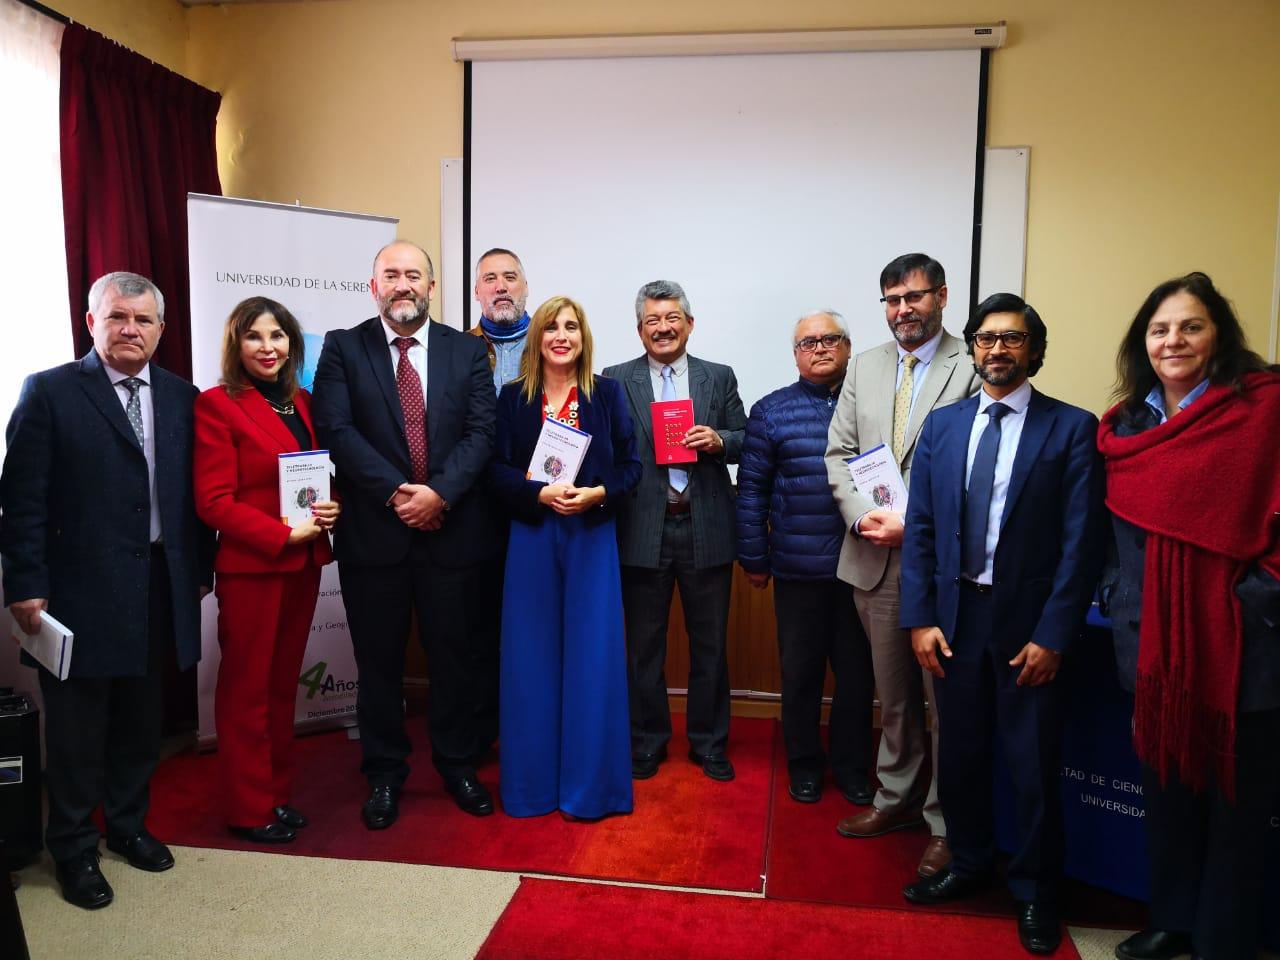 Autora de Ediciones Granica se presentó en La Serena